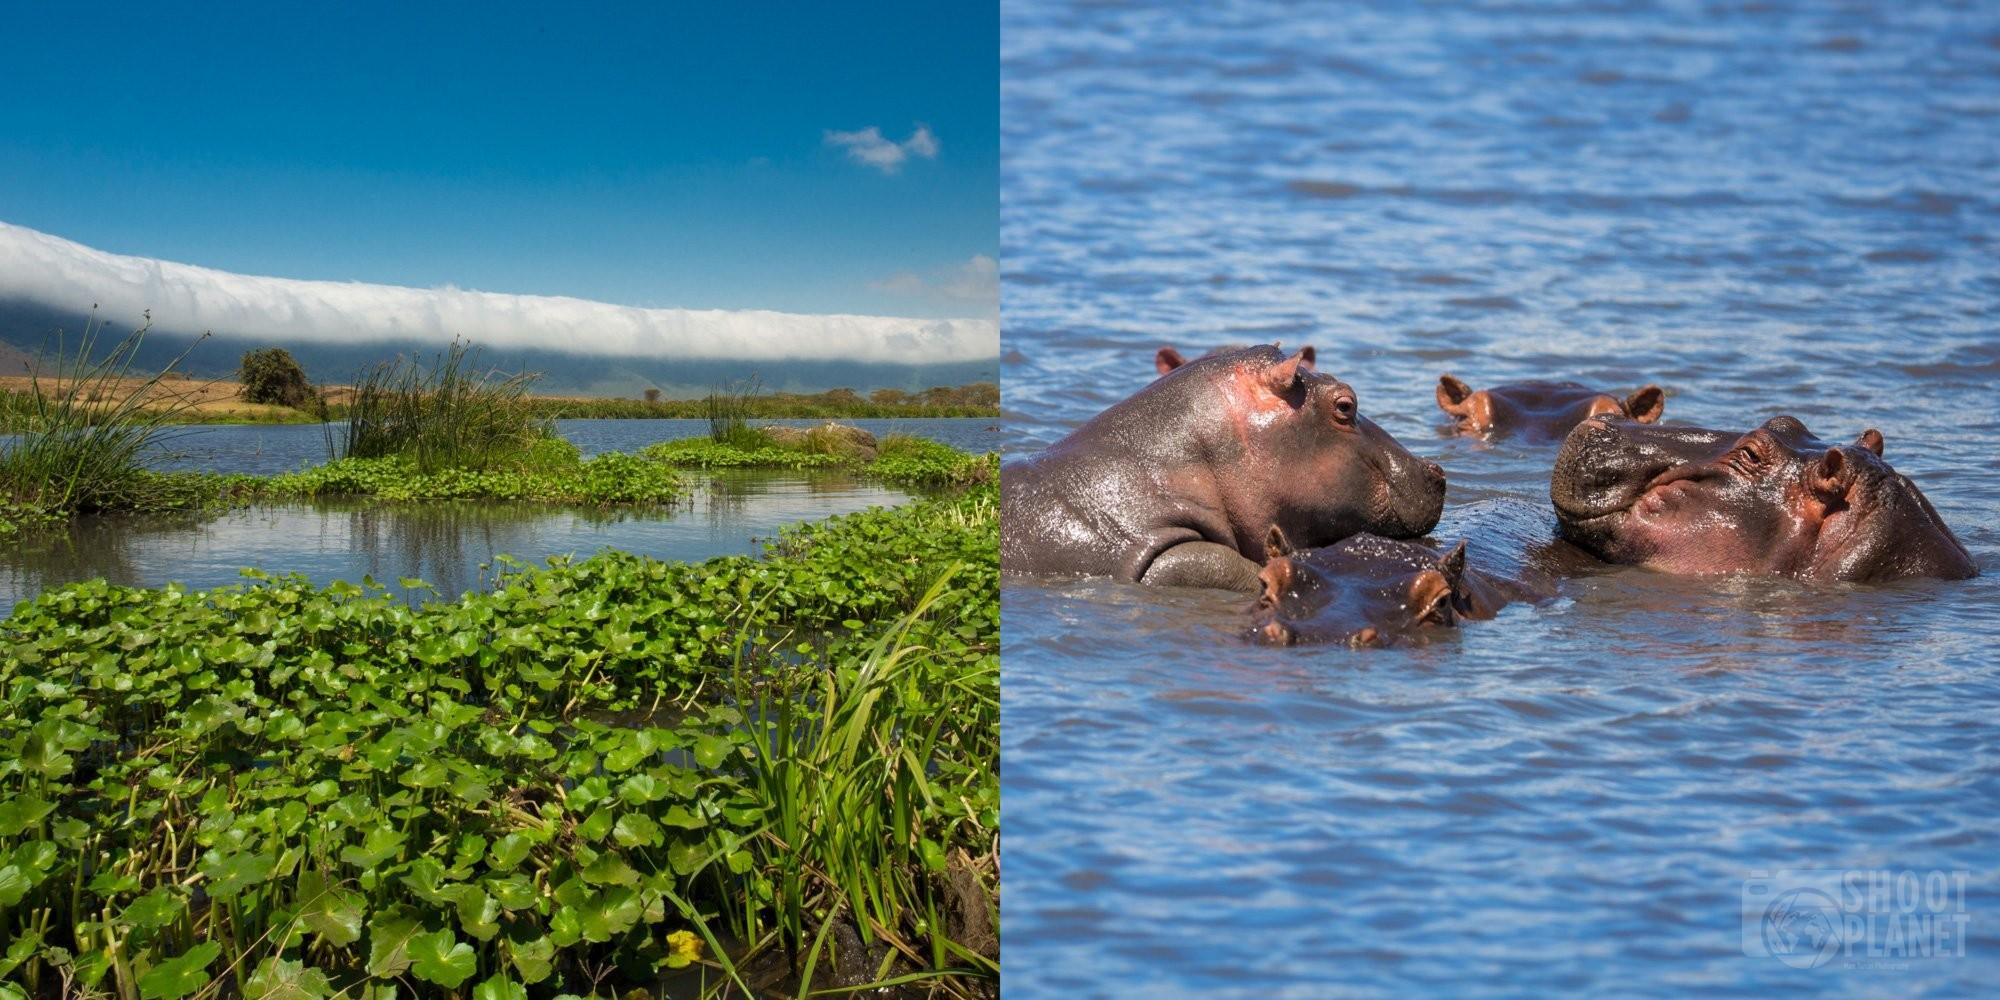 Hippos in the Ngorongo crater, Tanzania